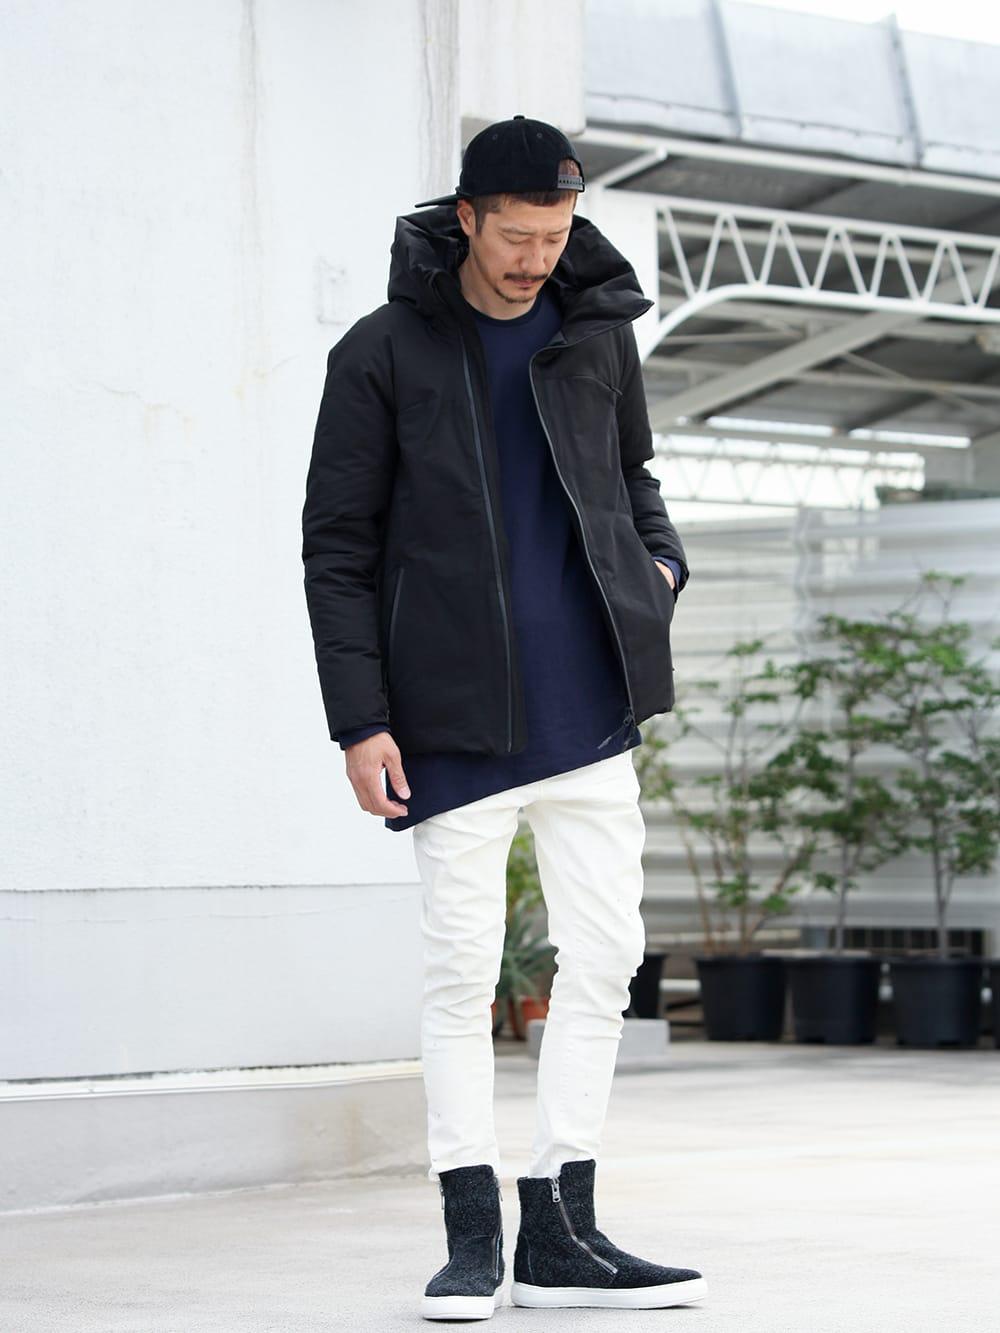 .LOGY Kyoto RIPVANWINKLE PRE 20SS【 DOWN JACKET SAMPLE 】DUST JEANS STYLING!!! - 2-008